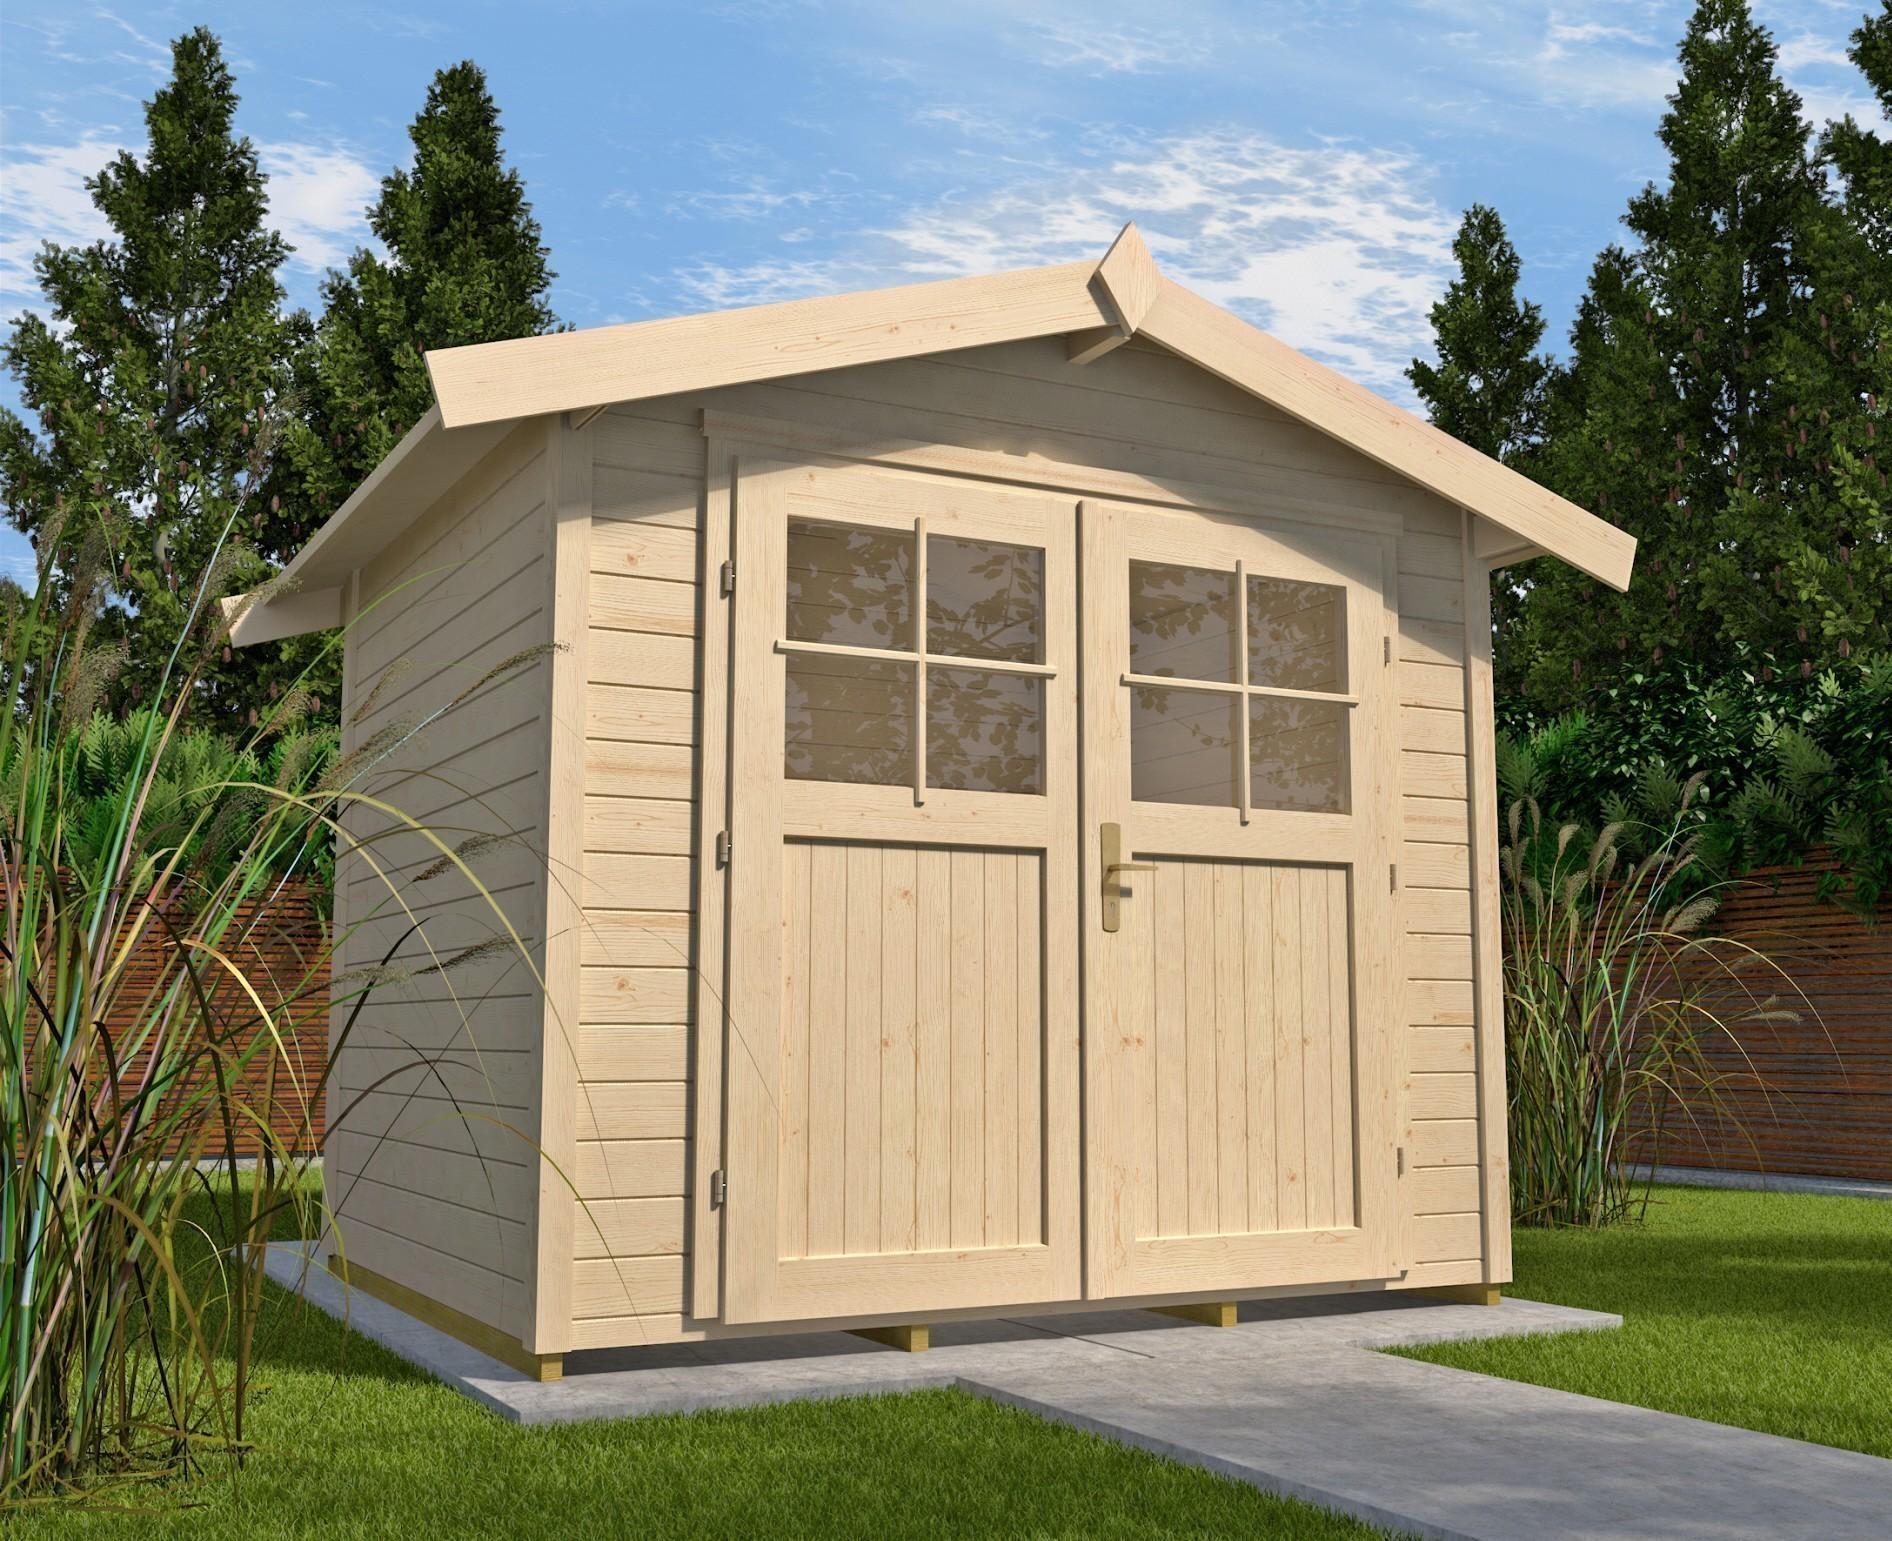 gerätehaus holz 28 mm weka gartenhaus 122 gr.3 natur 380x244cm - bei